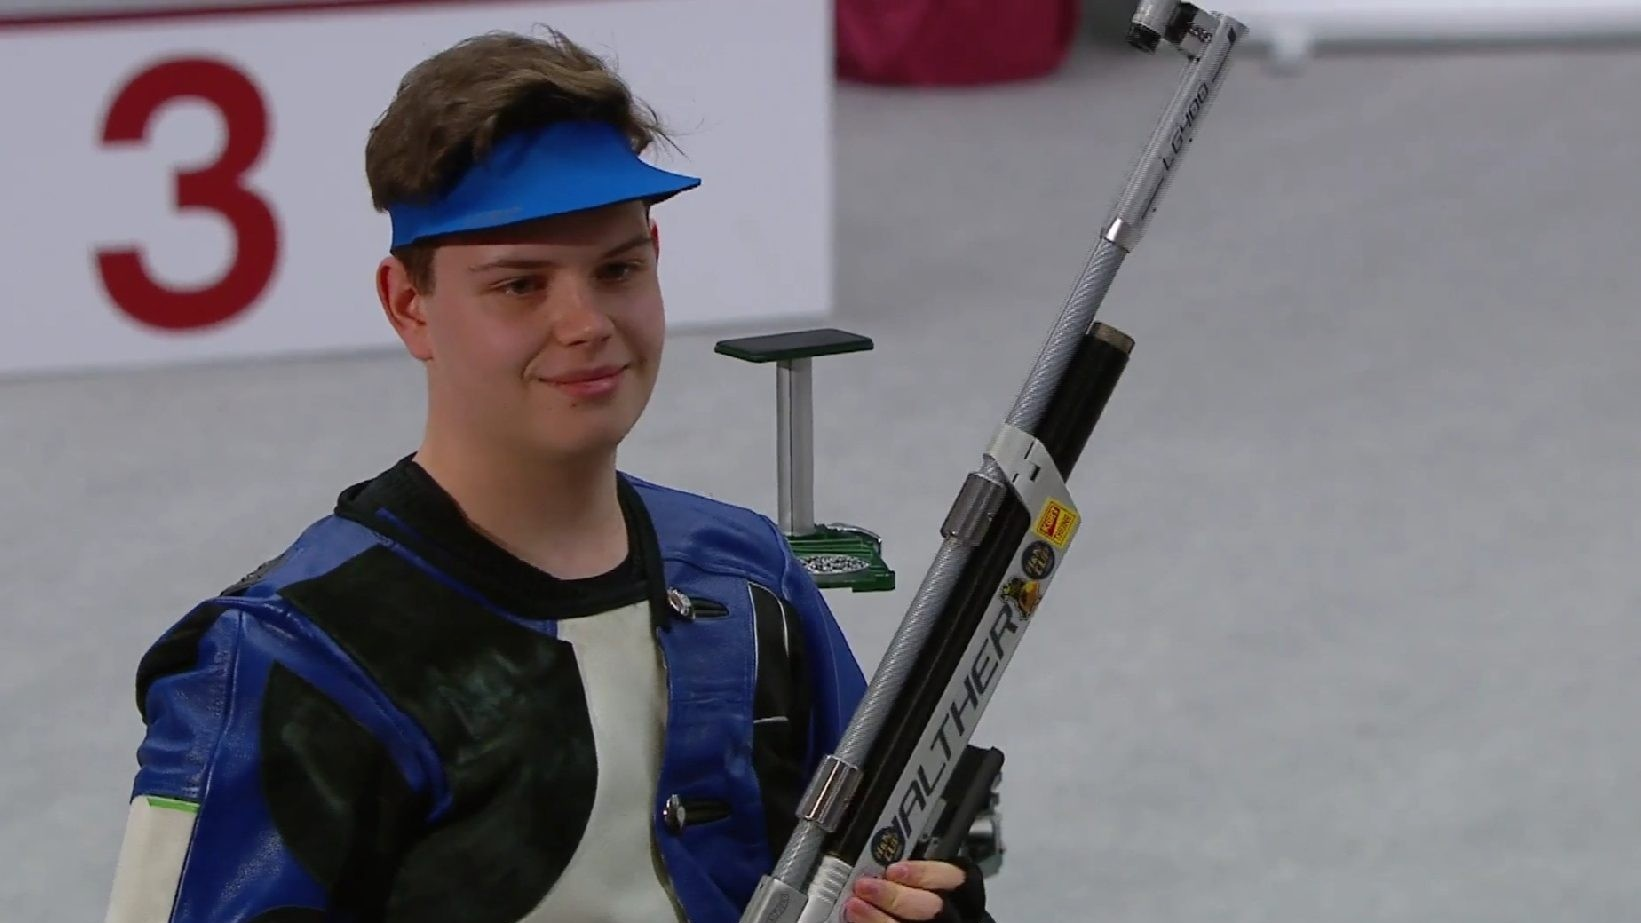 Aranyérmet nyert Hammerl Soma a Légfegyveres Eb junior versenyében